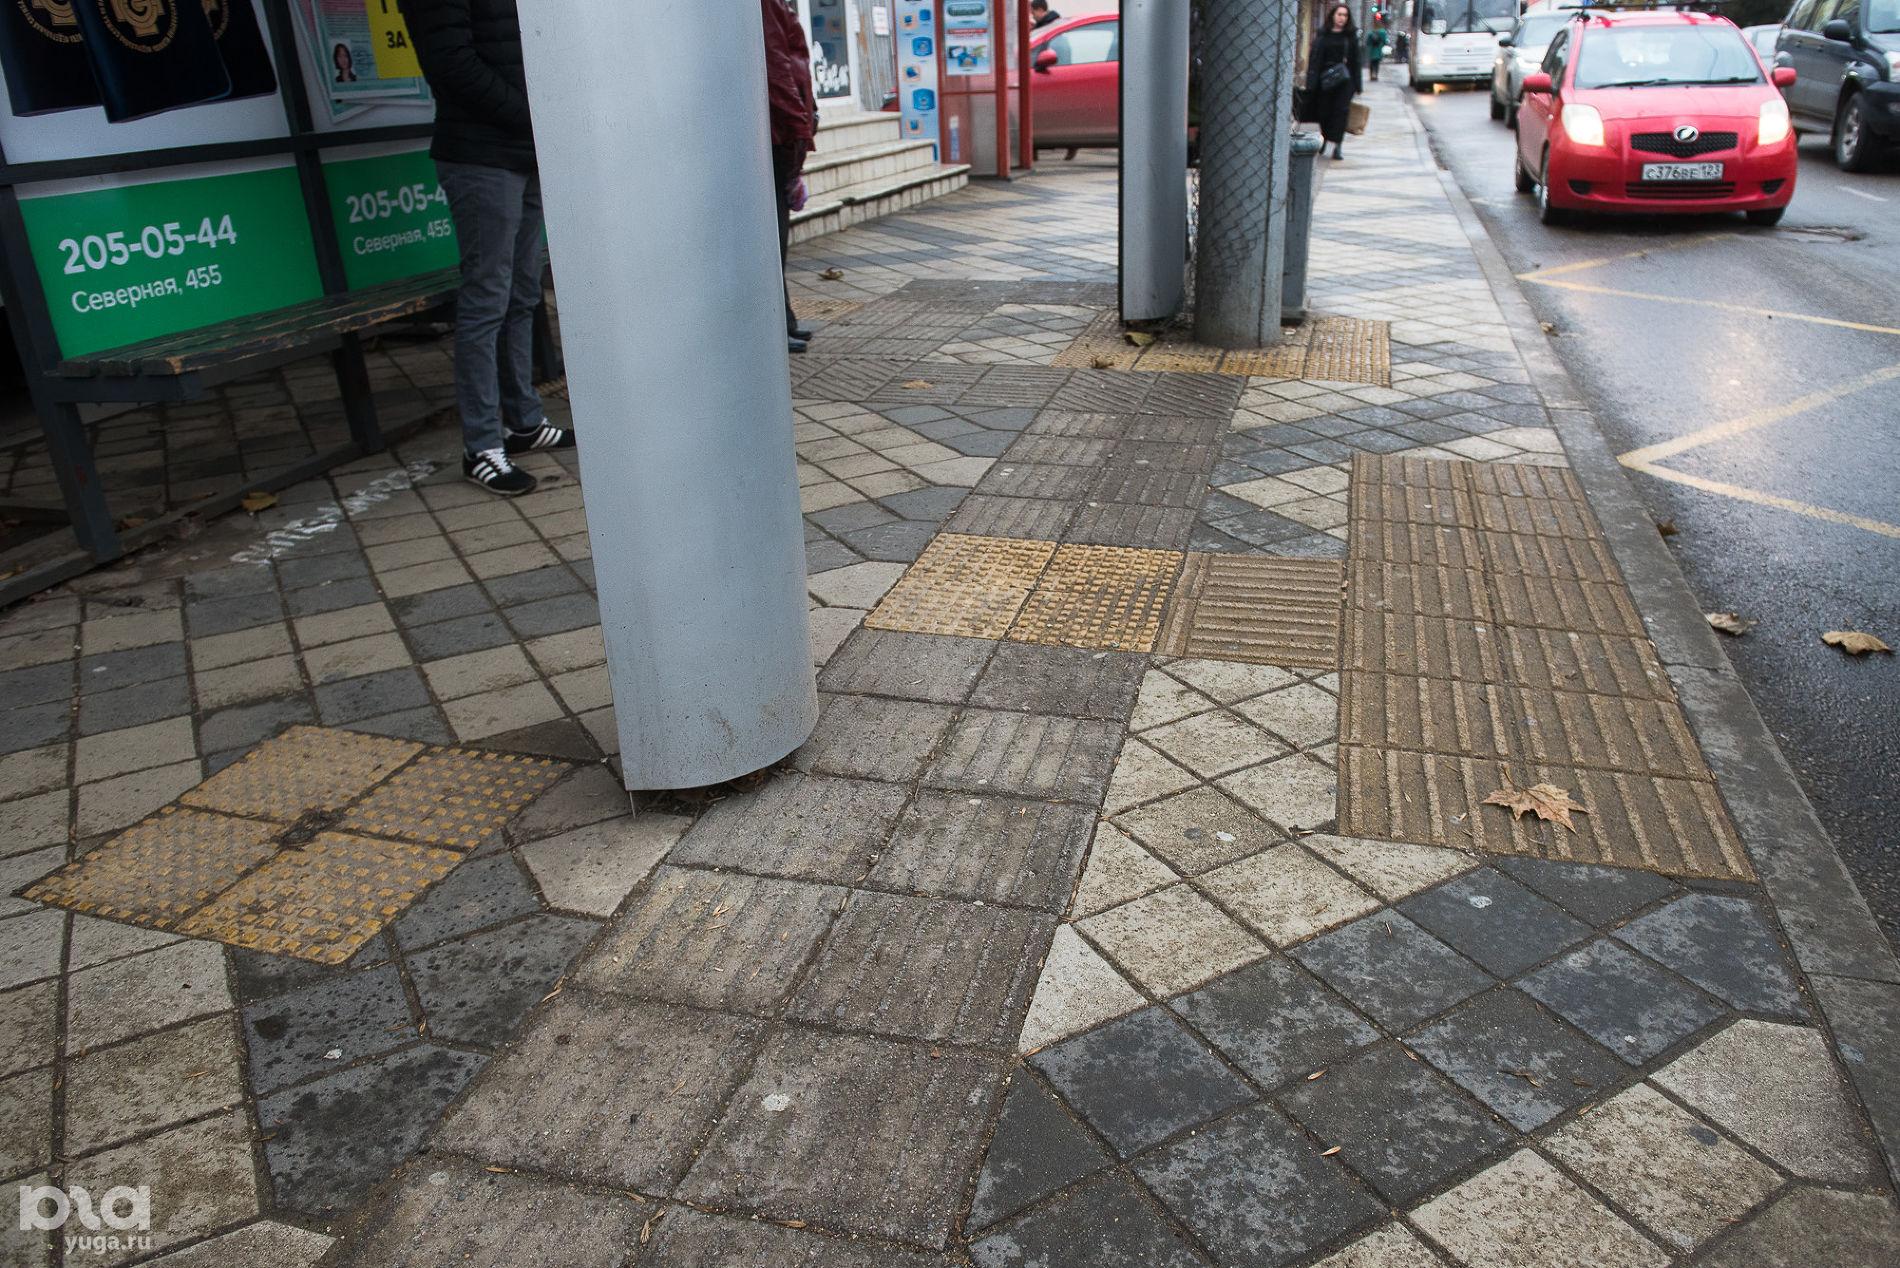 Вокруг столба — плитка с конусообразными элементами, обозначающими препятствие  ©Фото Елены Синеок, Юга.ру